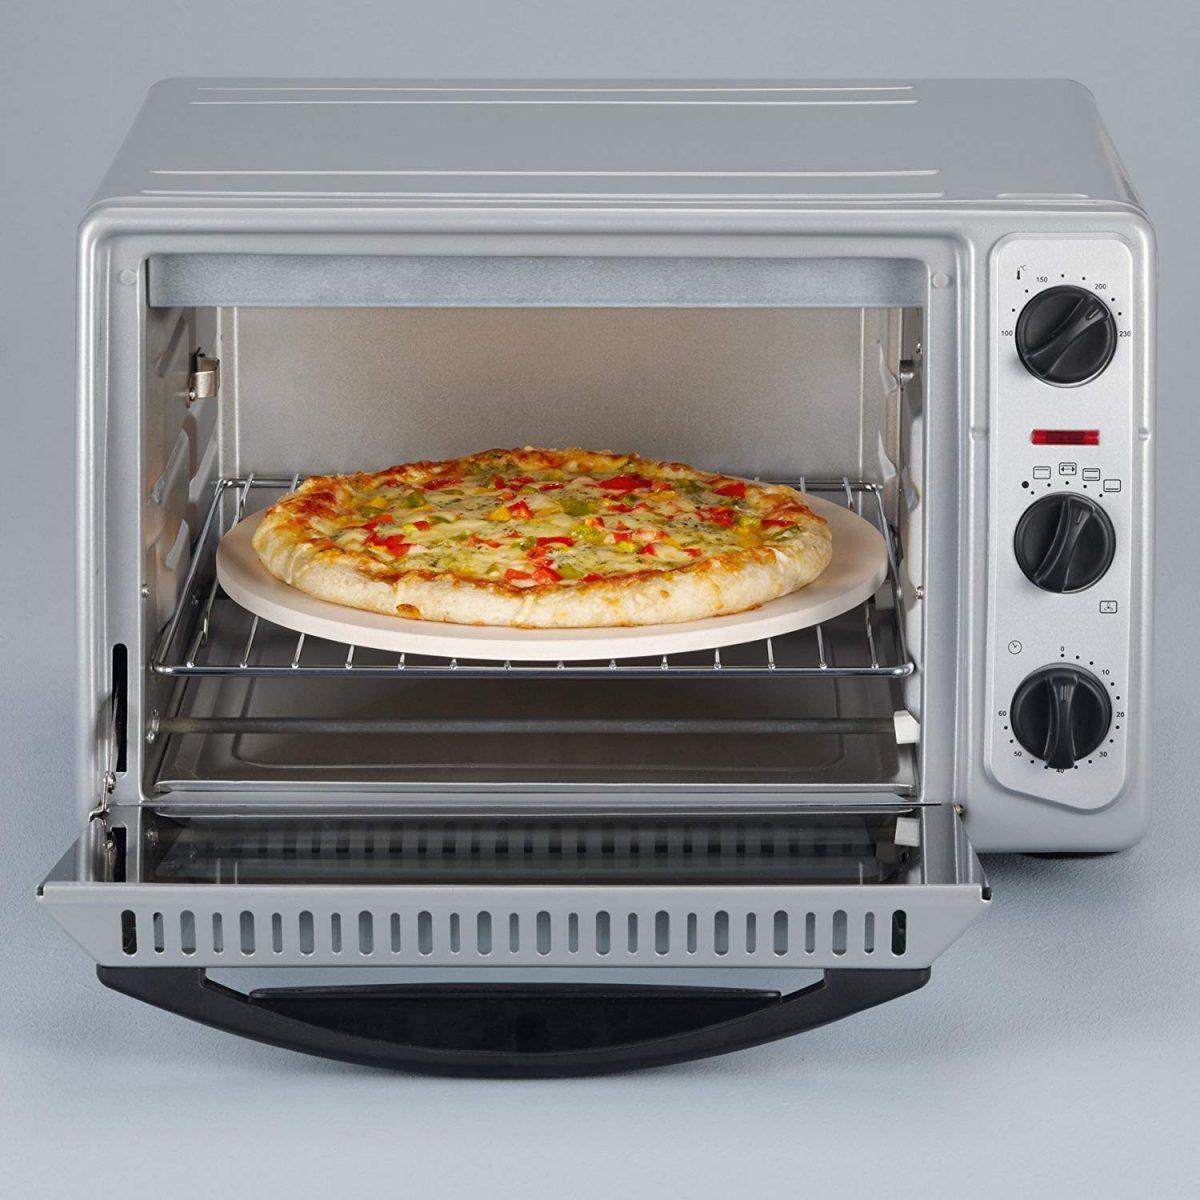 Tischbackofen von SEVERIN mit genügend Platz für eine Pizza; Foto: SEVERIN